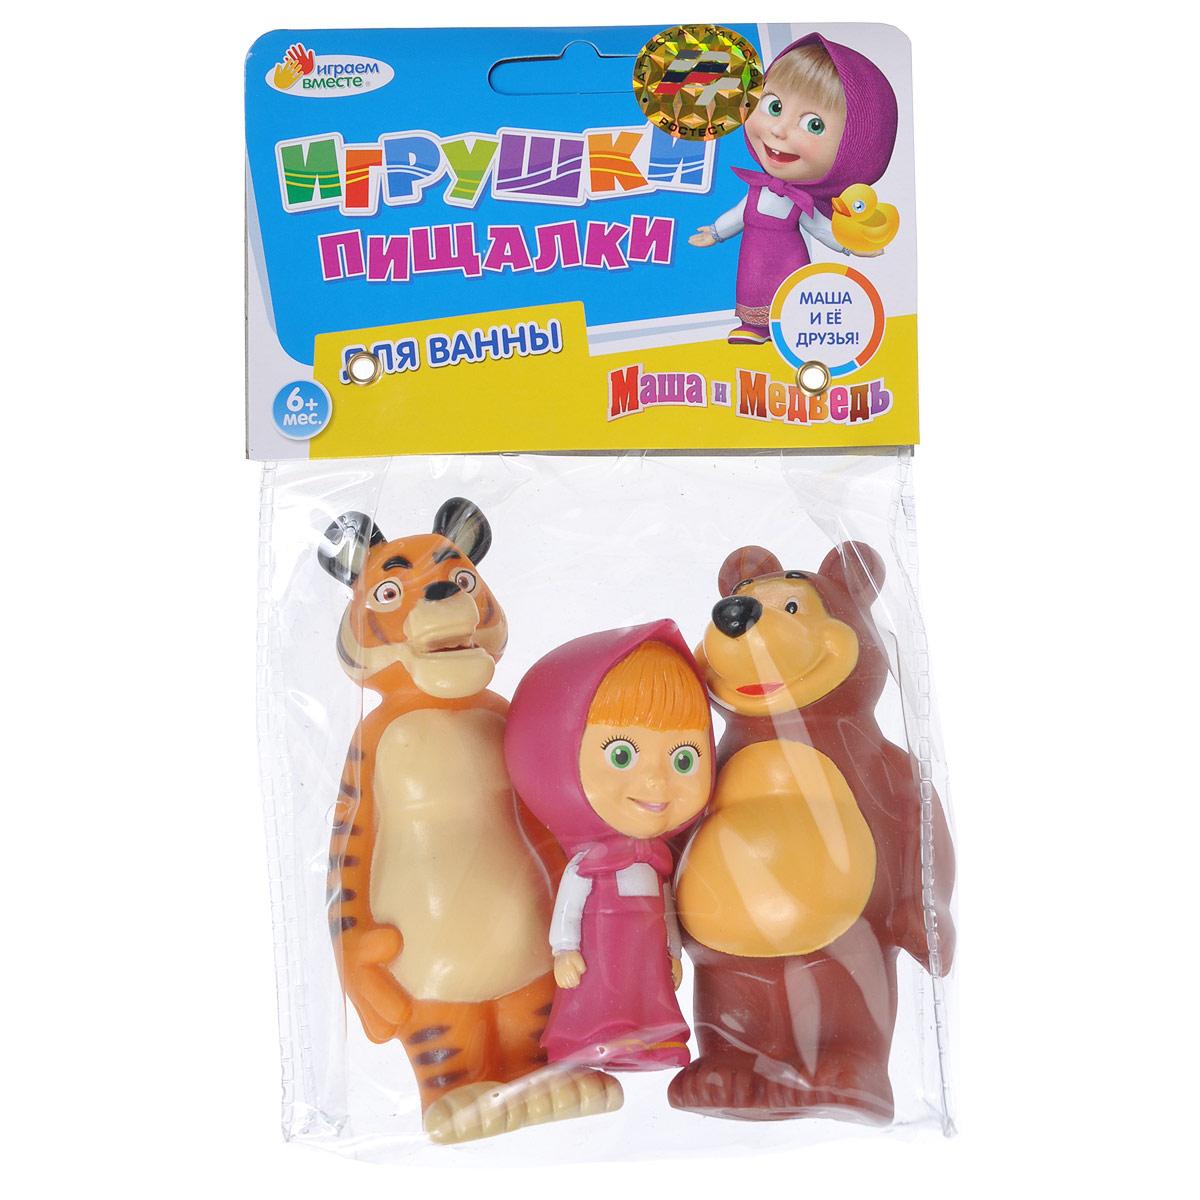 Набор игрушек для ванны Играем вместе Маша, Медведь и Тигр, 3 шт набор игрушек для ванны играем вместе львенок и черепаха